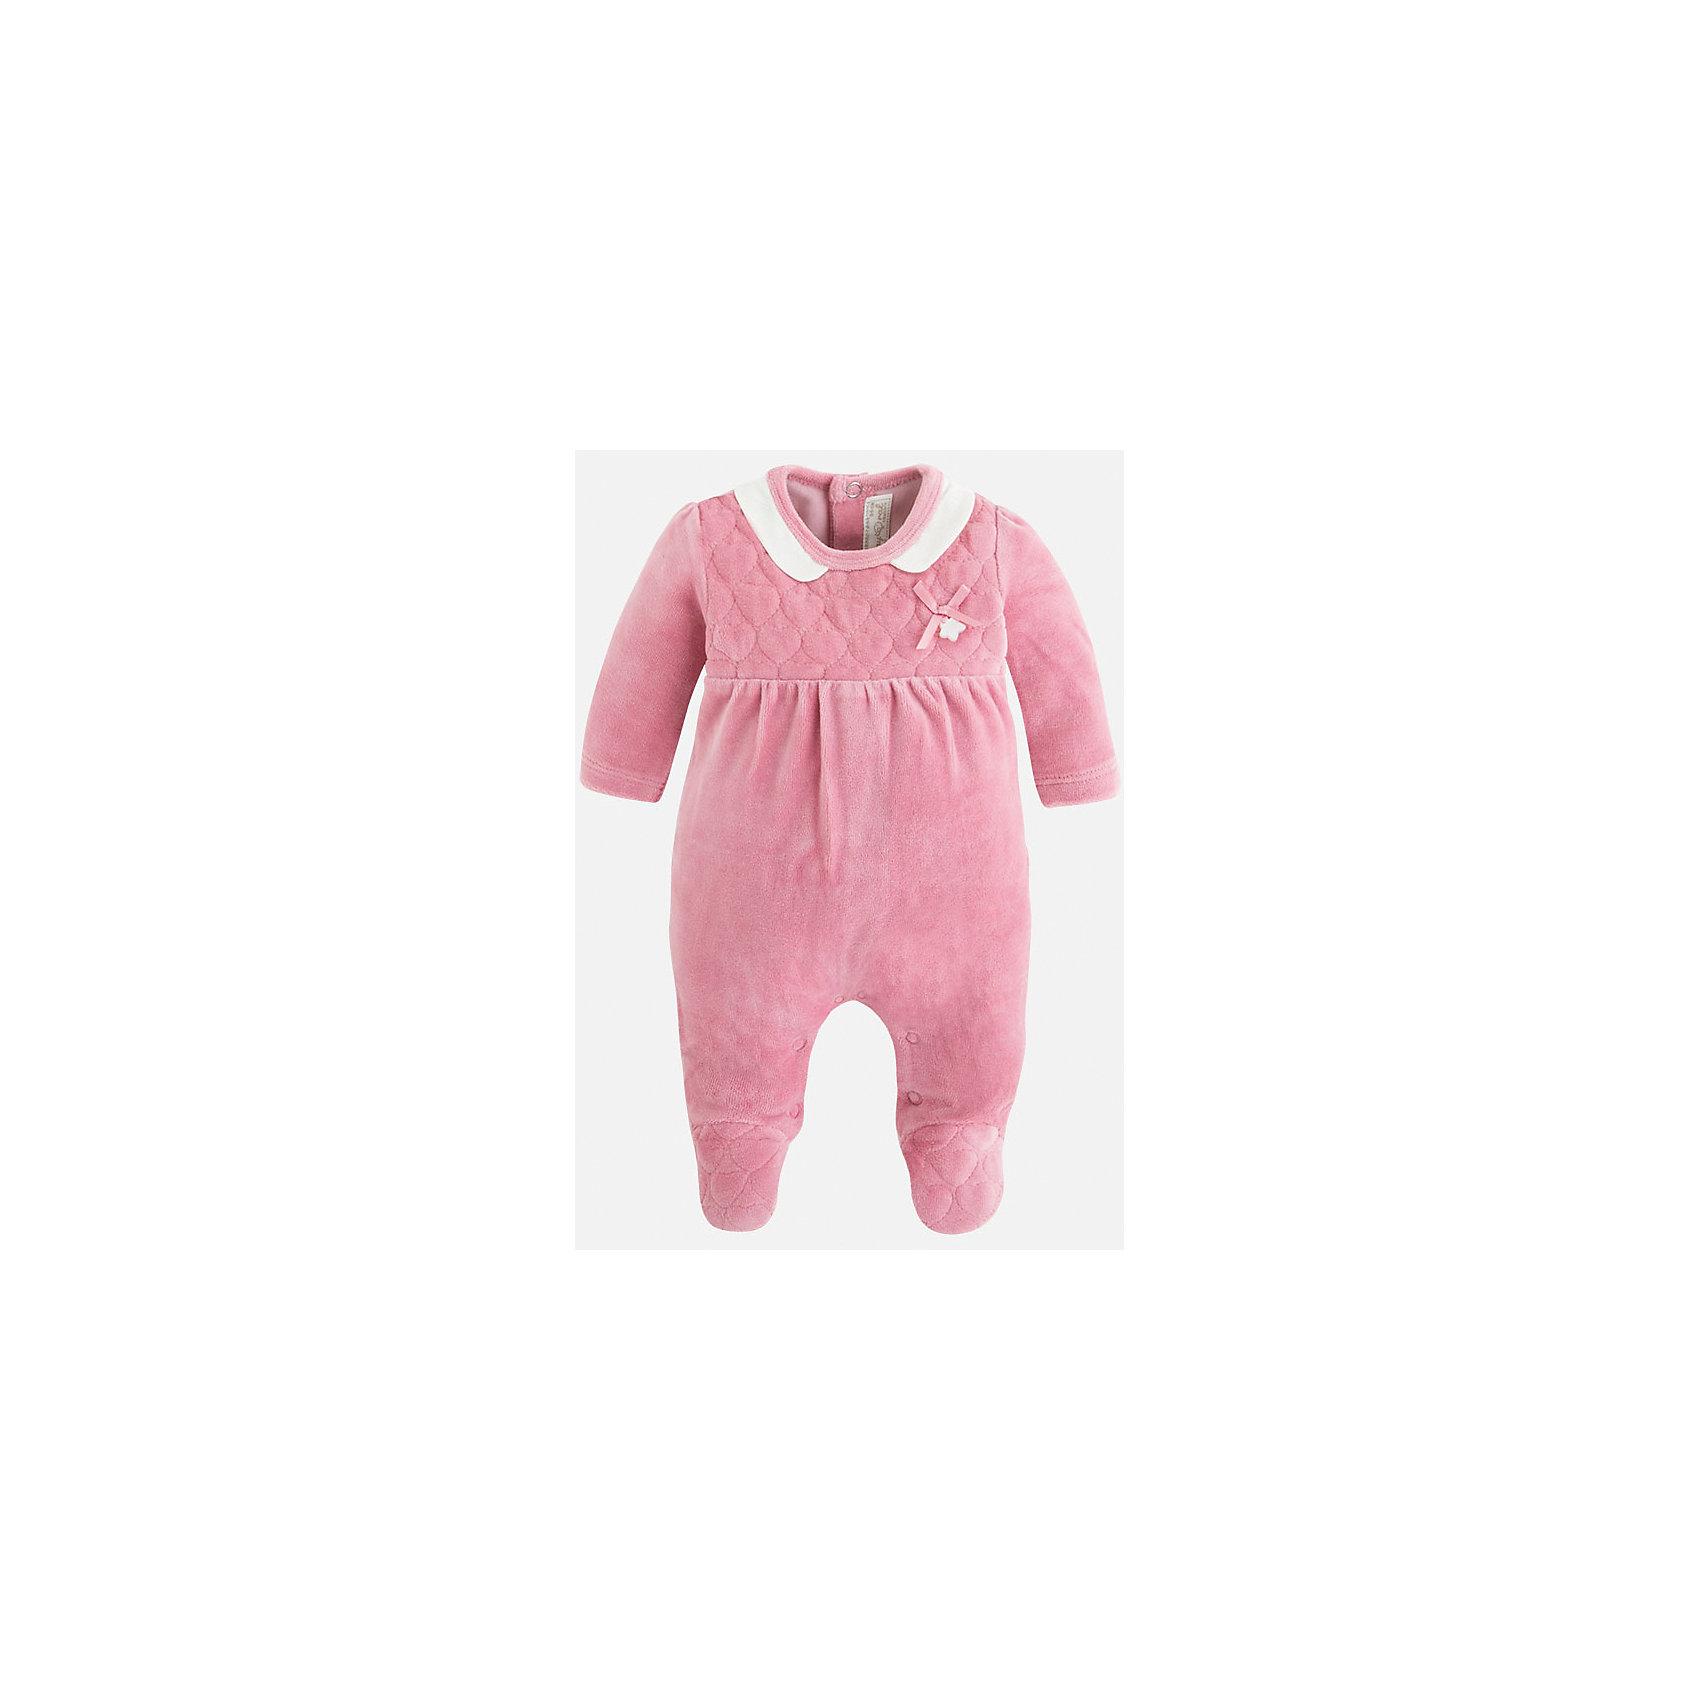 Комбинезон для девочки MayoralПижамы для малышей<br>Очаровательная розовая пижамка для новорожденной малышки. Изделие украшено маленьким бантиком. Застежки-кнопки по всей длине модели позволяют легко снимать и одевать пижаму. У пижамы закрытые ножки и открытые ручки.<br><br>Дополнительная информация: <br><br>- цвет:  розовый<br>- состав: хлопок 80%, полиэстер 20%; подкладка: хлопок: 100%<br>- длина рукава: длинные<br>- фактура материала: текстильный<br>- вид застежки: кнопки<br>- уход за вещами: бережная стирка при 30 градусах<br>- рисунок: без  рисунка<br>- назначение: повседневная<br>- сезон: круглогодичный<br>- пол: девочки<br>- страна бренда: Испания<br>- комплектация: пижама<br><br>Пижаму для девочки торговой марки    Майорал  можно купить в нашем интернет-магазине.<br><br>Ширина мм: 281<br>Глубина мм: 70<br>Высота мм: 188<br>Вес г: 295<br>Цвет: красный<br>Возраст от месяцев: 24<br>Возраст до месяцев: 36<br>Пол: Женский<br>Возраст: Детский<br>Размер: 50,68,62,56<br>SKU: 4846119